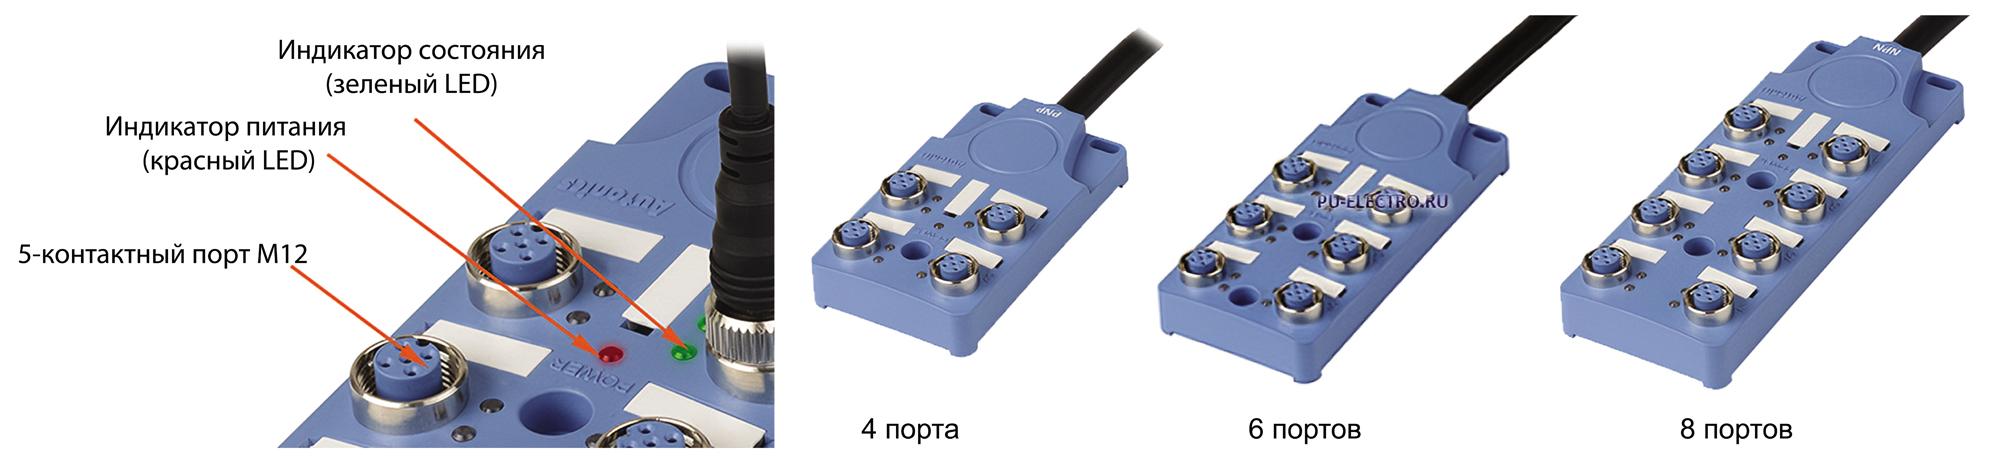 Распределительные коробки серии PT с 5-контактными разъемами M12 с кабельным вводом